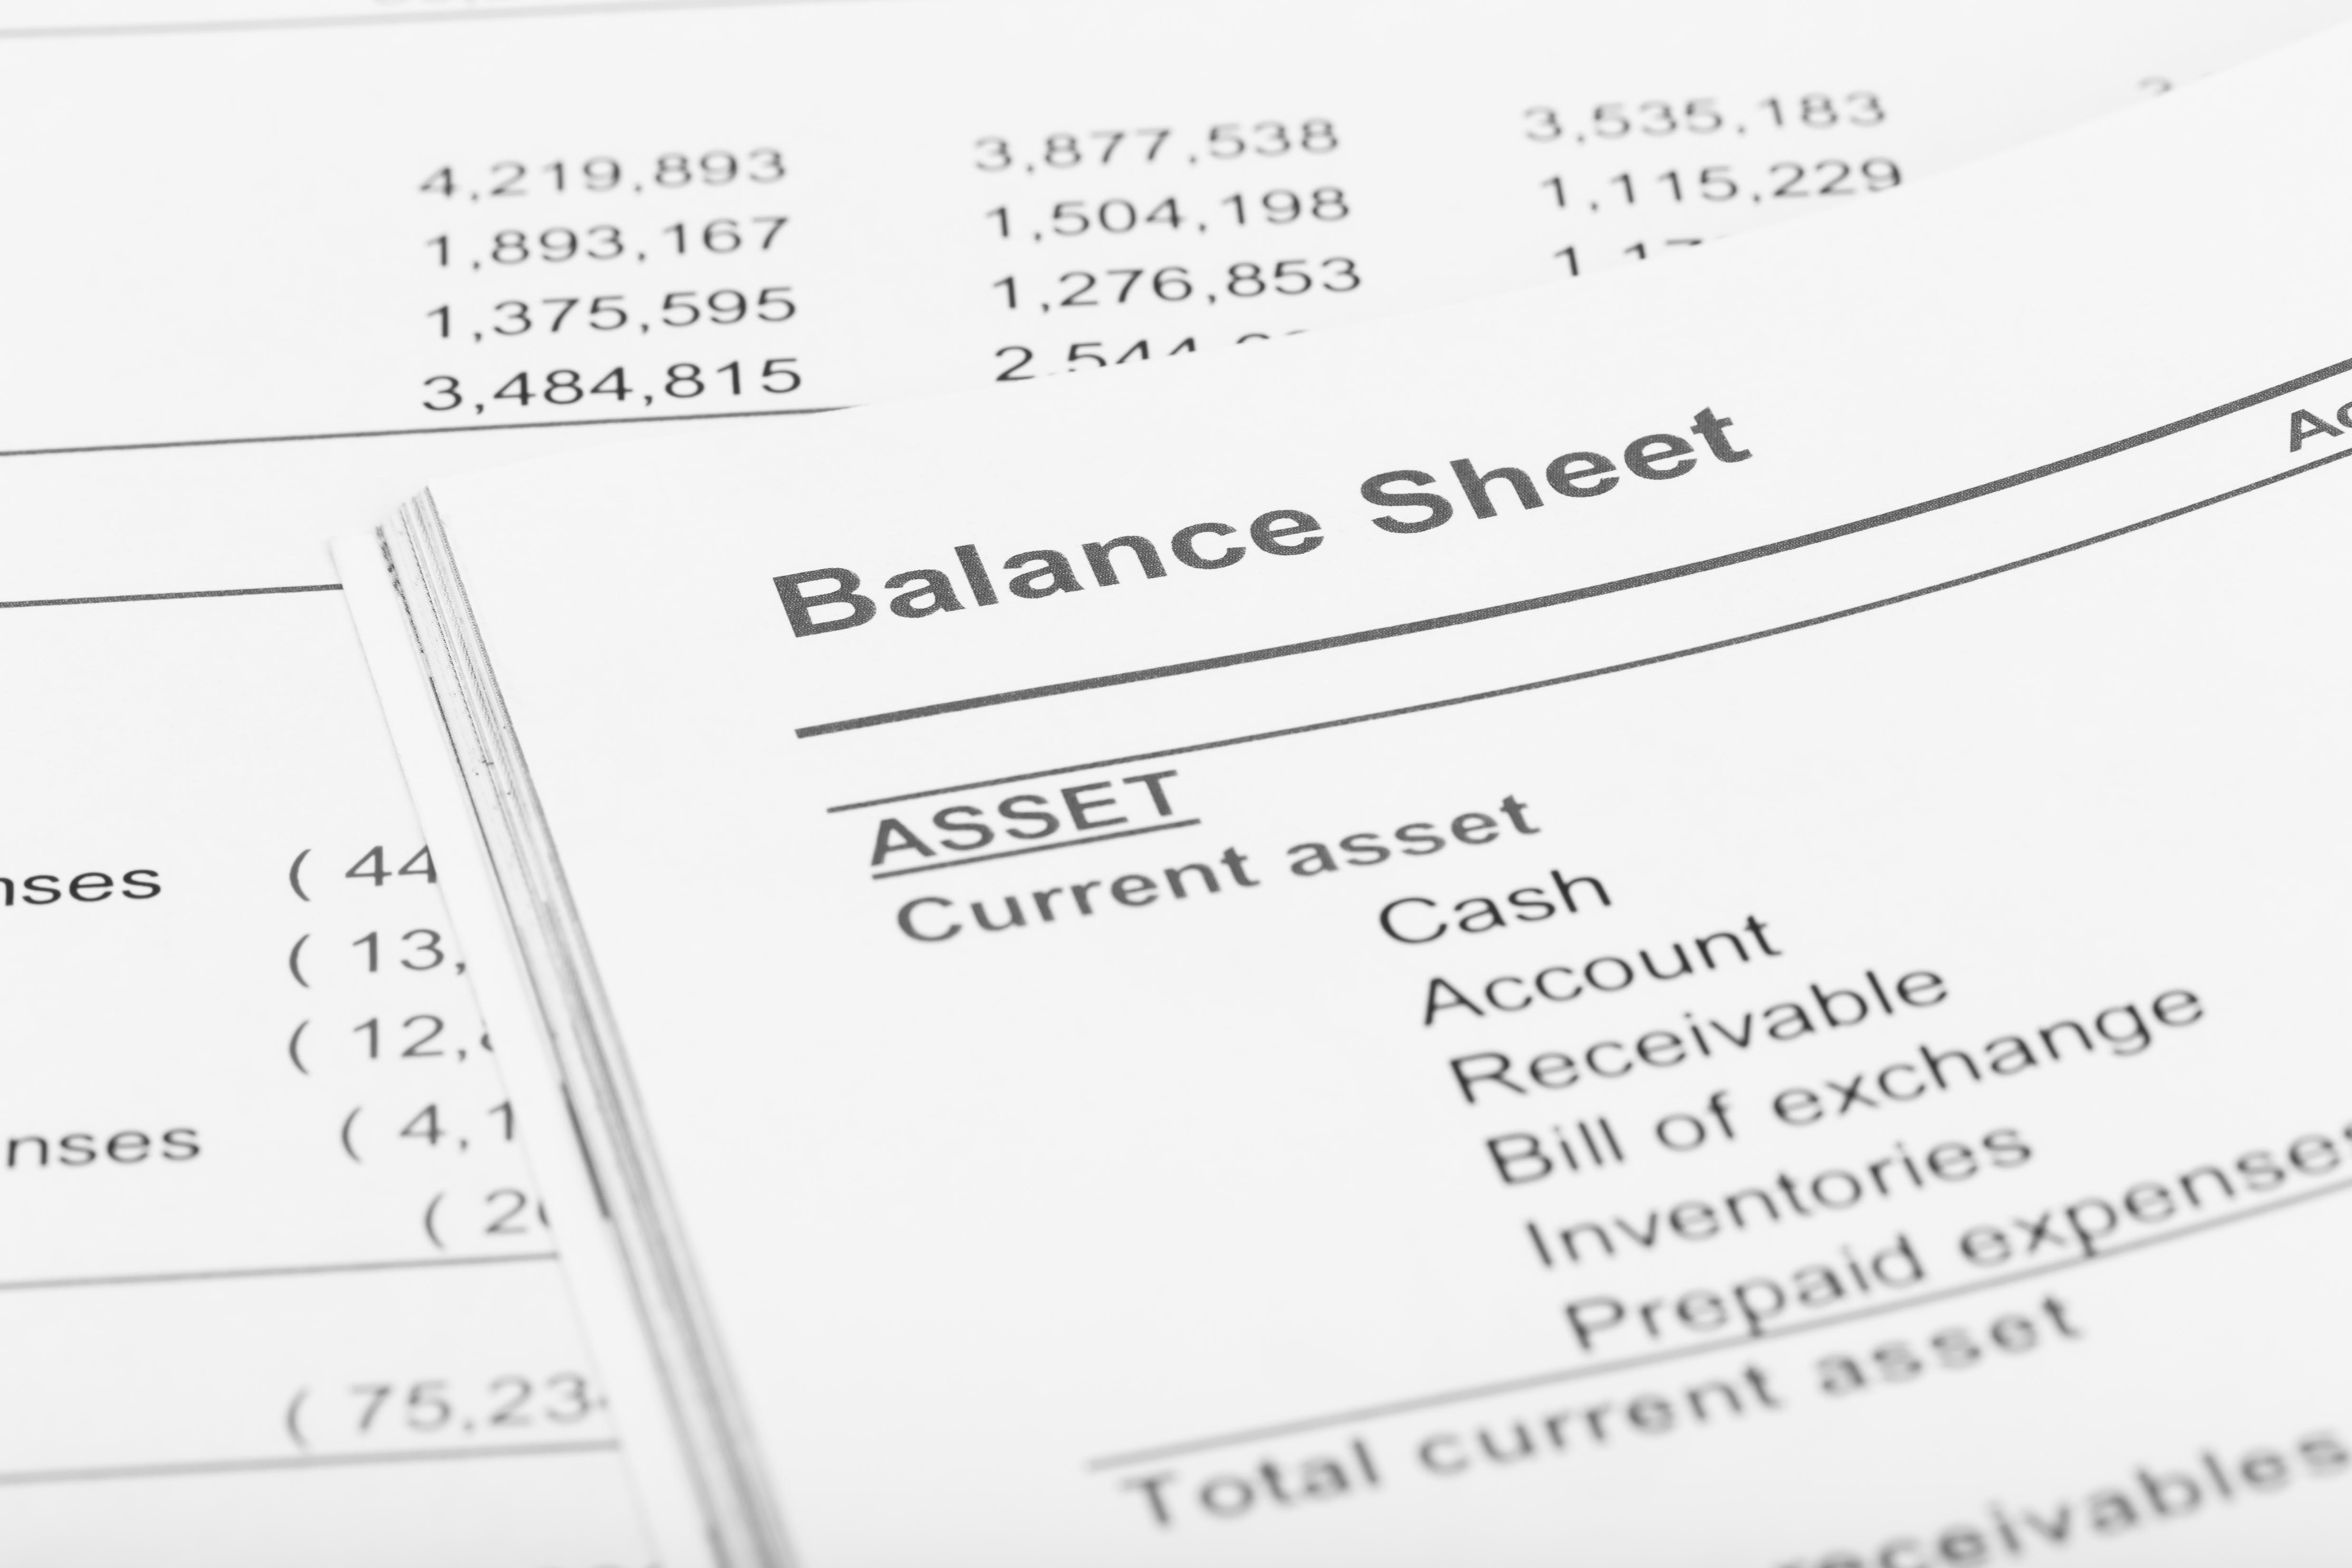 創業借入が減額される、断られる理由  創業借入 起業 独立 借入 コンサル 税理士 会計士 富山